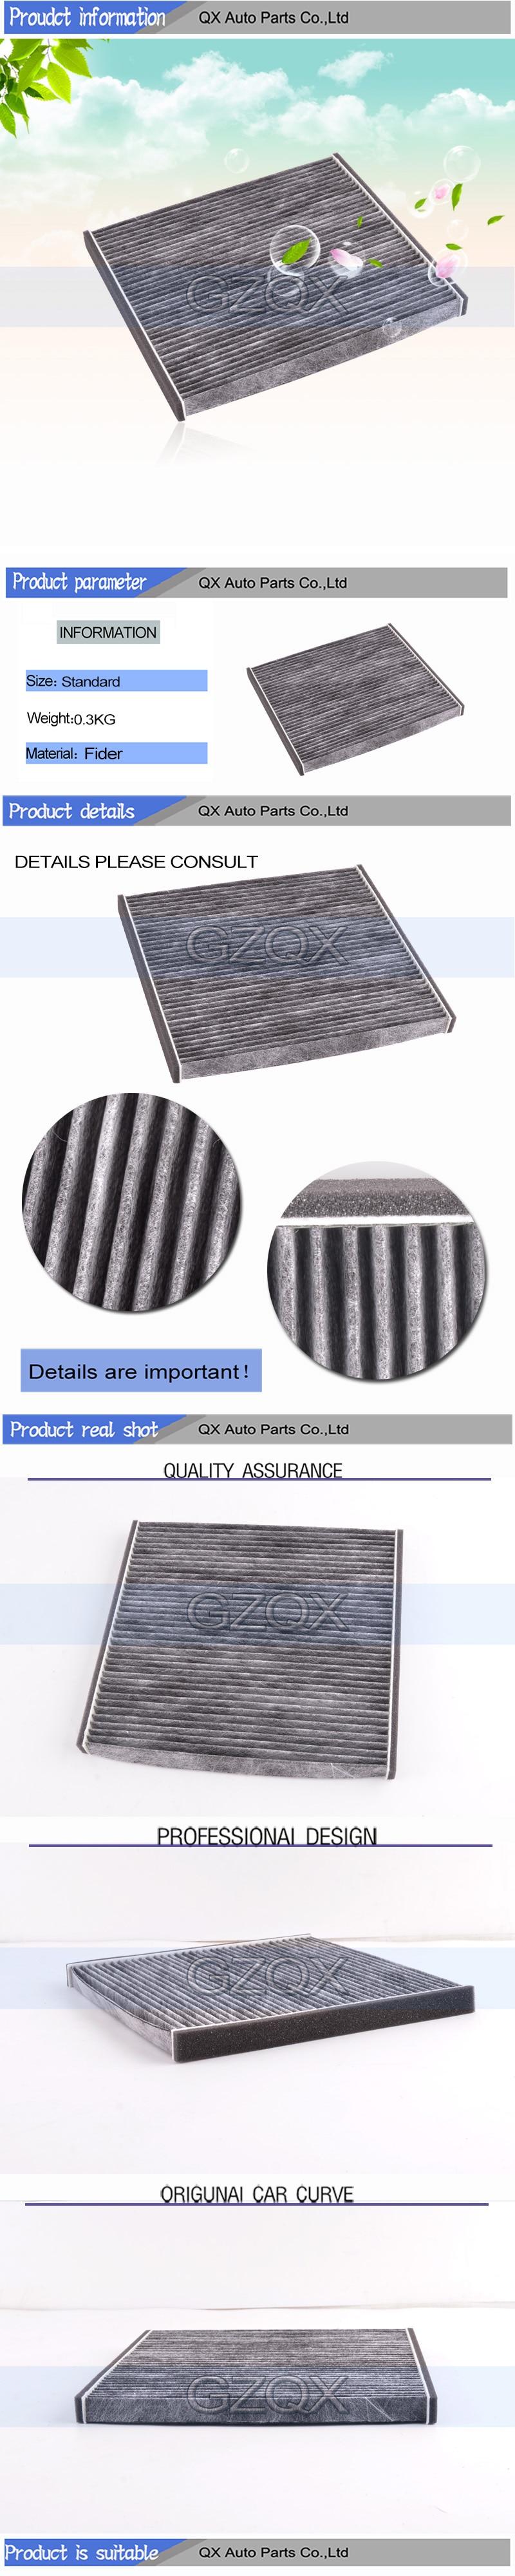 Capqx Cabin Air Filter 87139 50010 For Lexus Ls400 1994 1995 1996 1997 1998 1999 2000 Century 1994 1995 1996 1997 1998 1999 2005 Filter Air Filter Irfilter Cabin Aliexpress